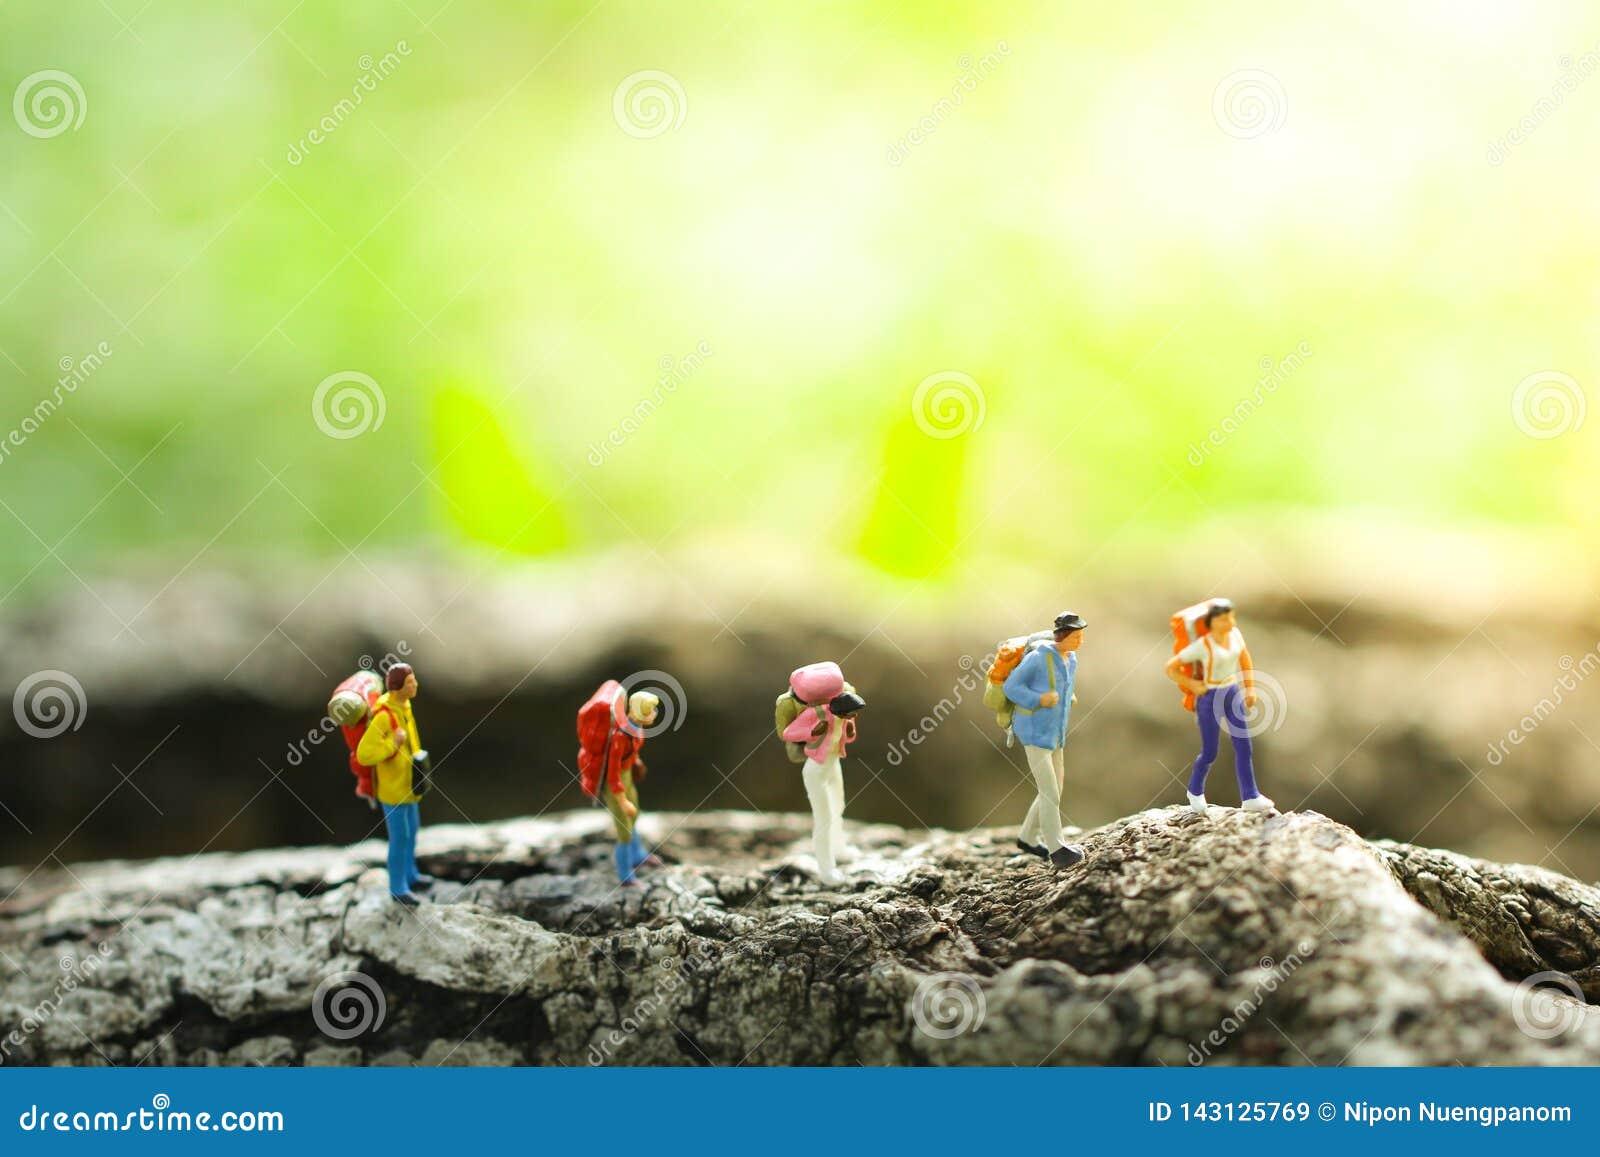 Cinco viajantes que trekking na selva no fundo borrado hortaliças